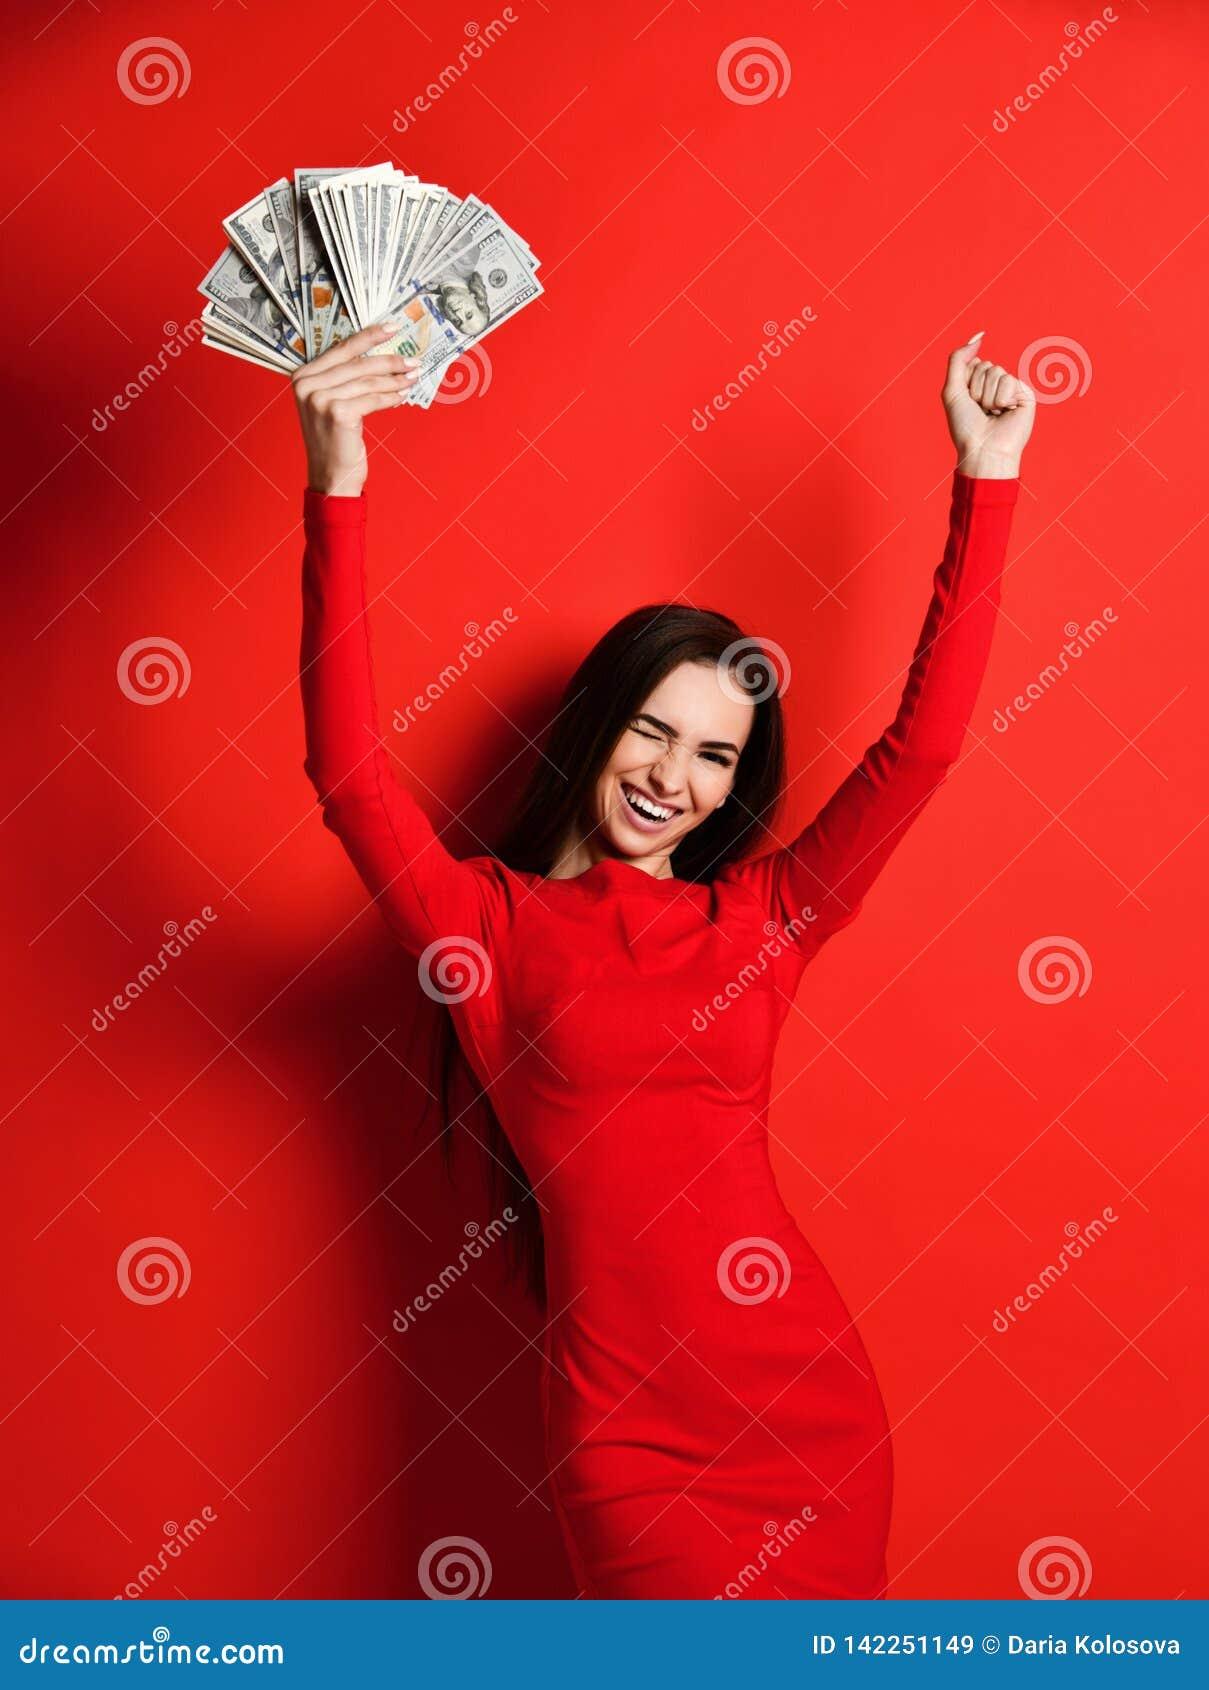 Junger unverschämter Brunette in einem roten Kleid freut sich in einem großen Geldbetrag in ihren Händen, die sie gewinnt